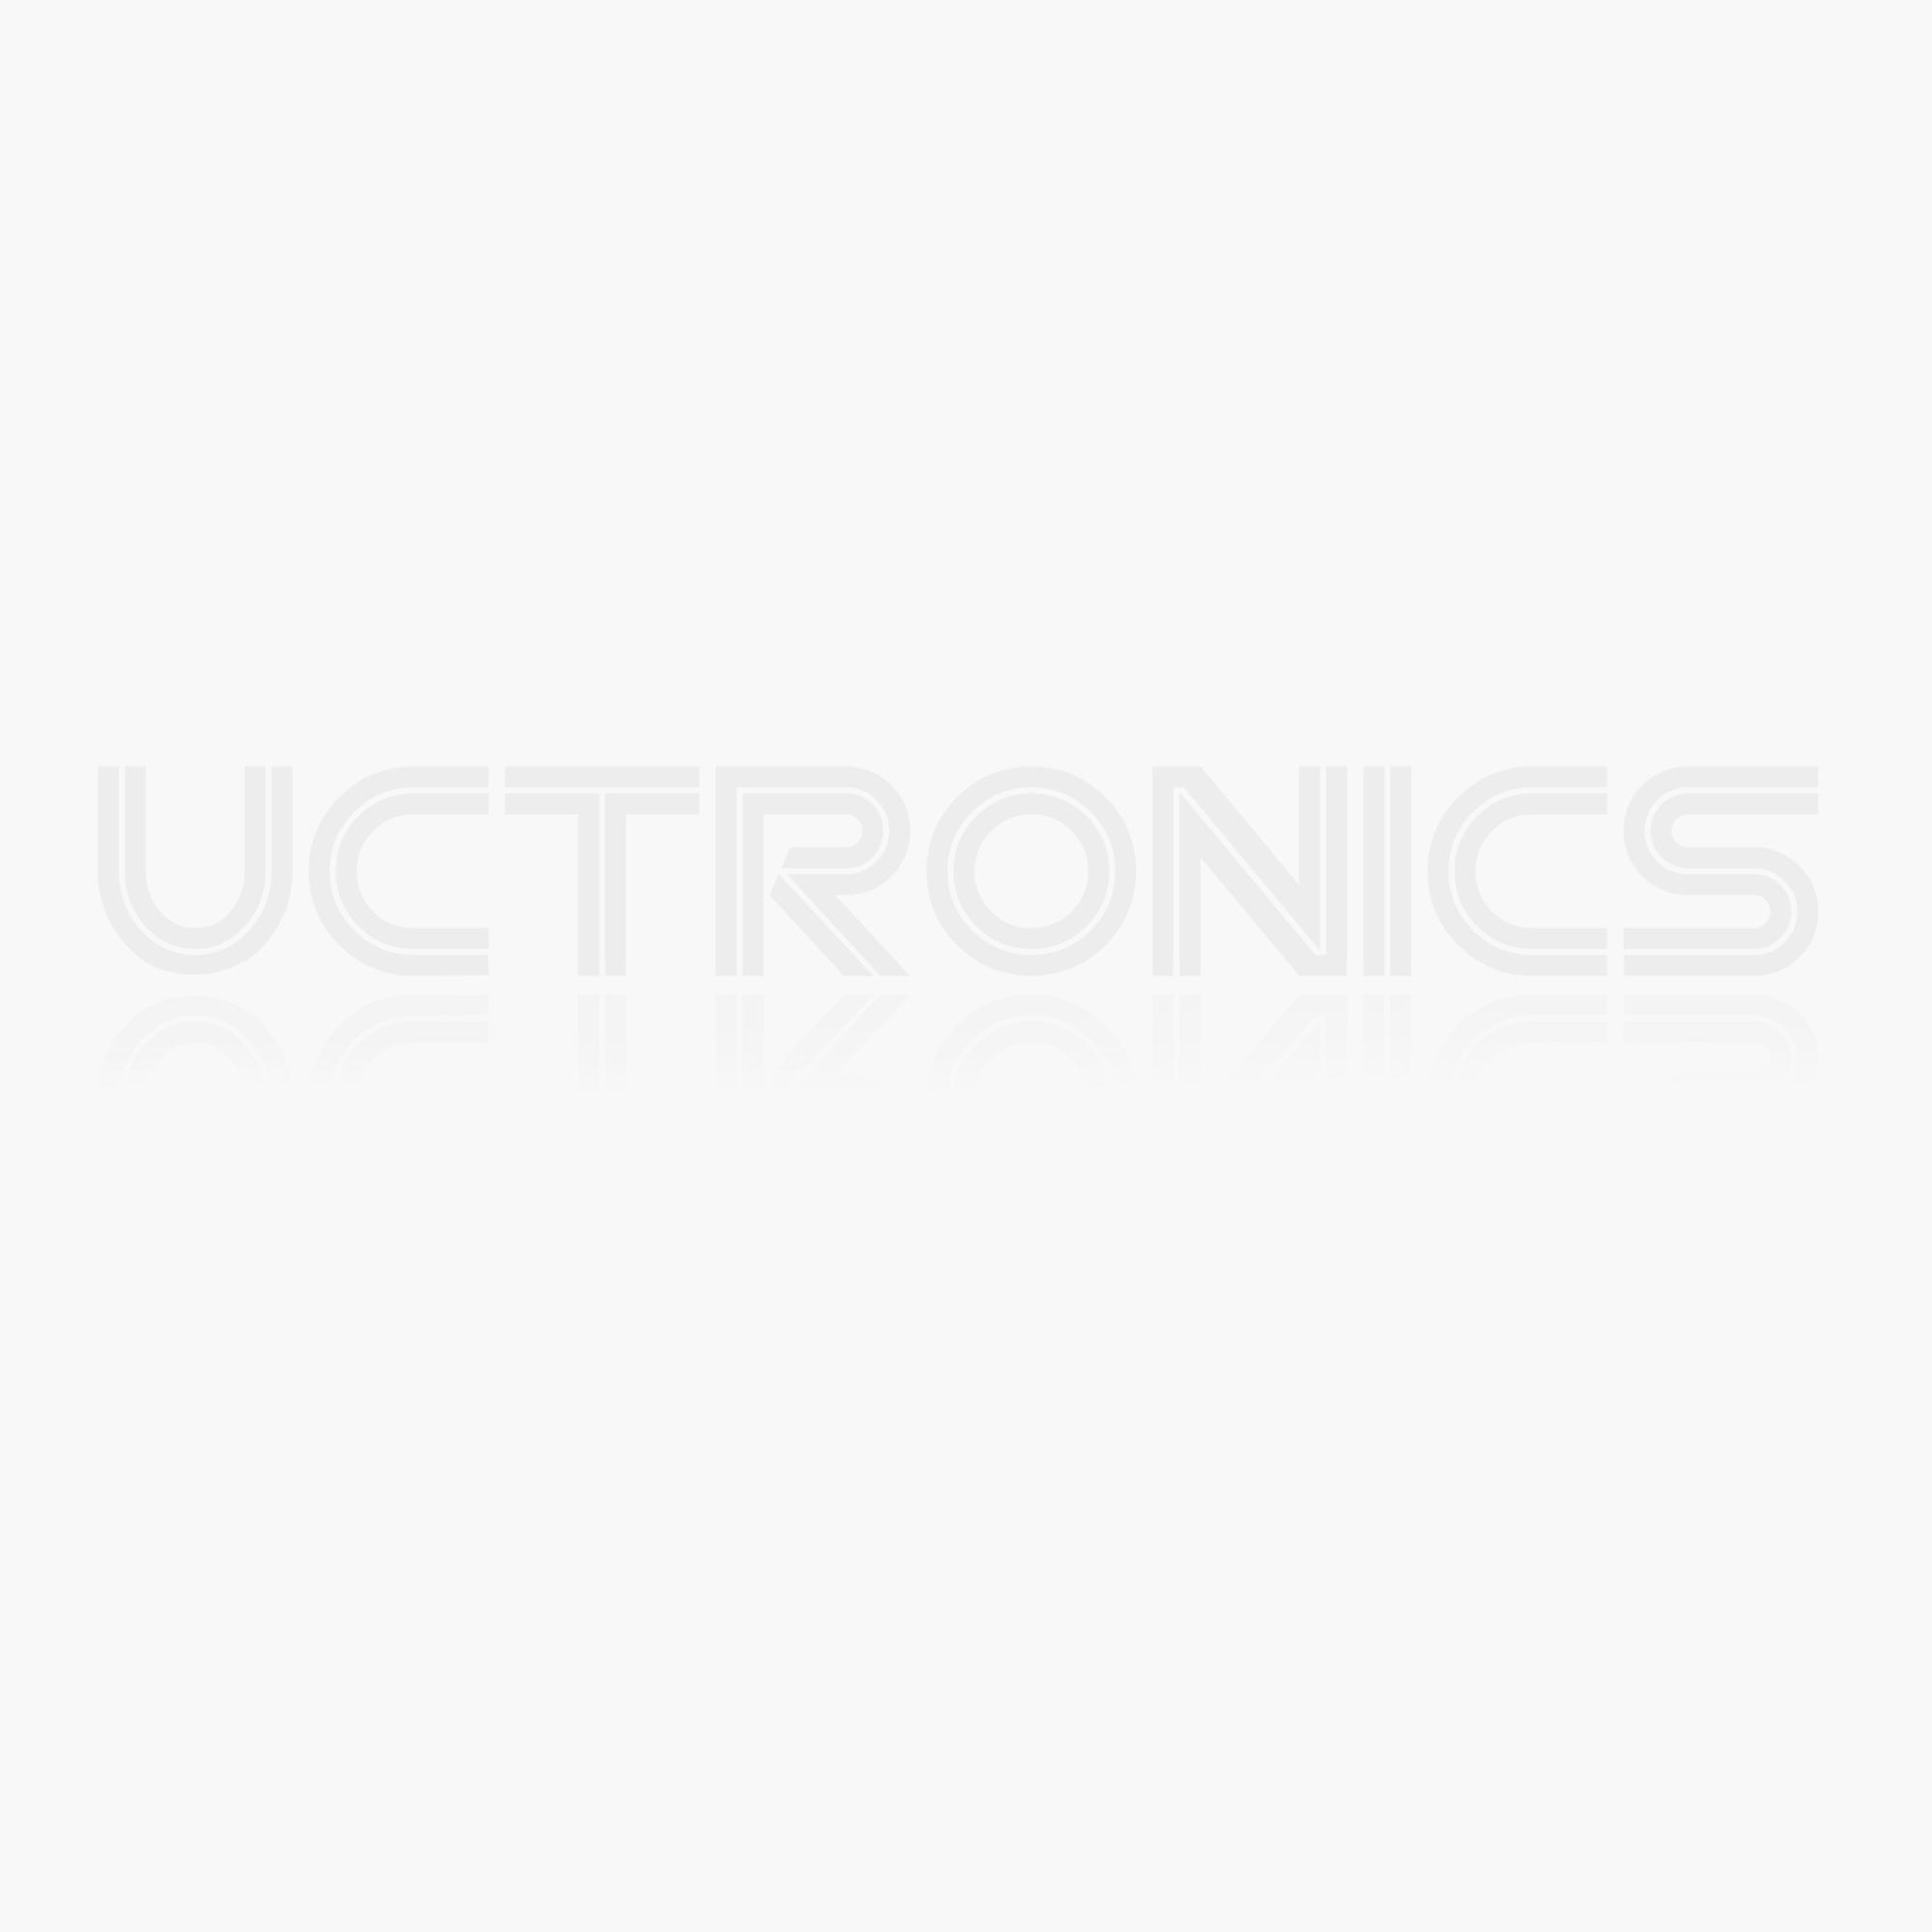 3.0-35V to 3.5-35V DC/DC Boost Step-up Power Supply Module+Digital Voltmeter